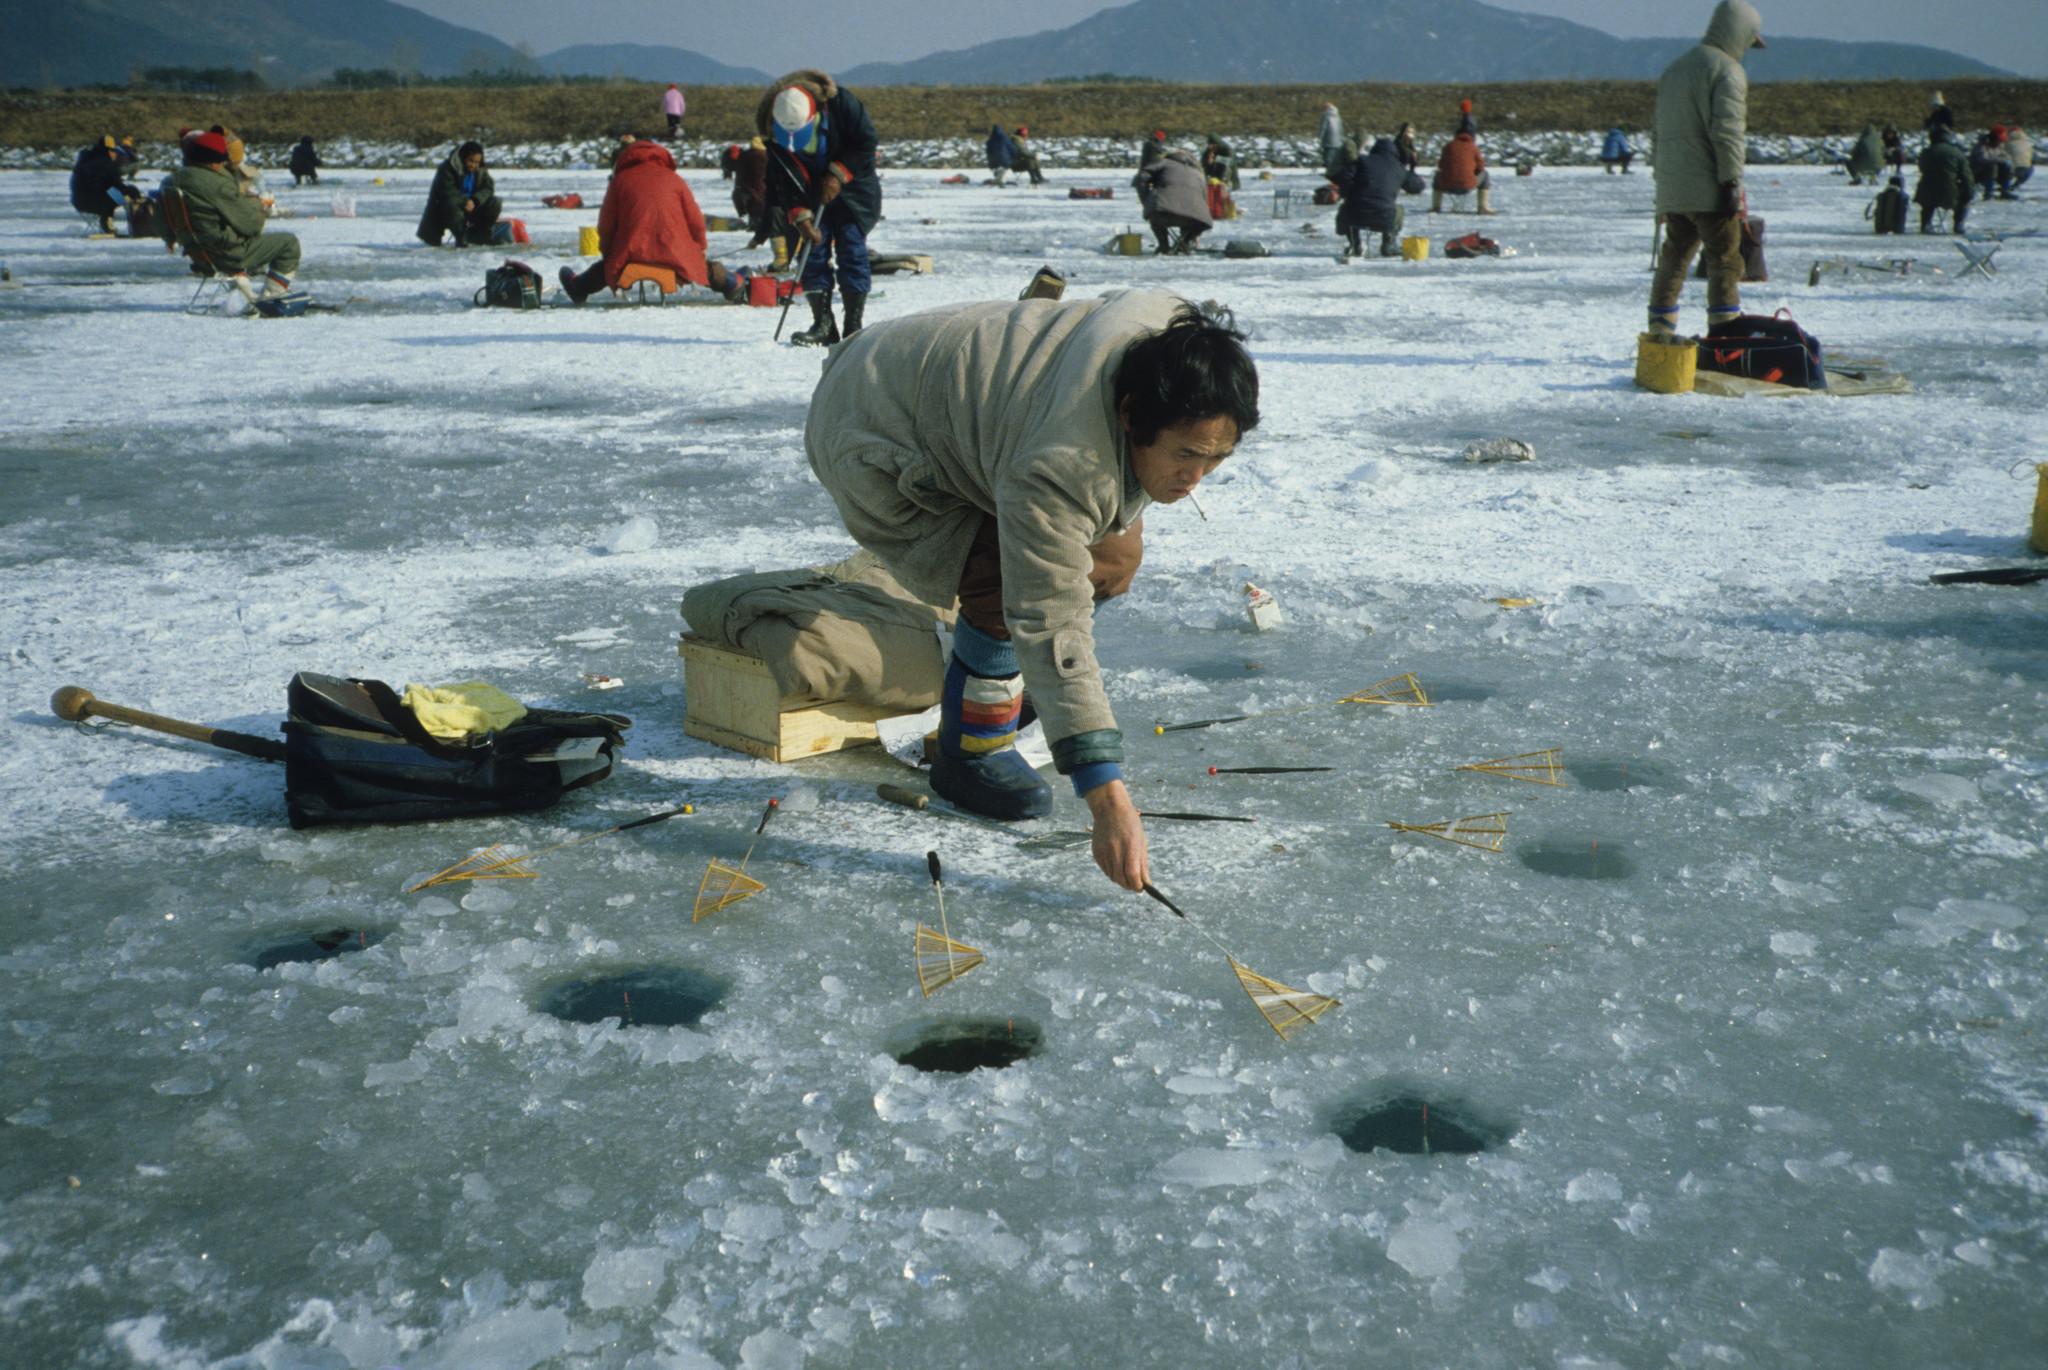 호수 위에서 얼음낚시를 하고 있는 모습. 얼어붙은 호수 아래서도 물고기가 살 수 있는 것은 물의 독특한 물리화학적 특성 덕분이다. [중앙포토]